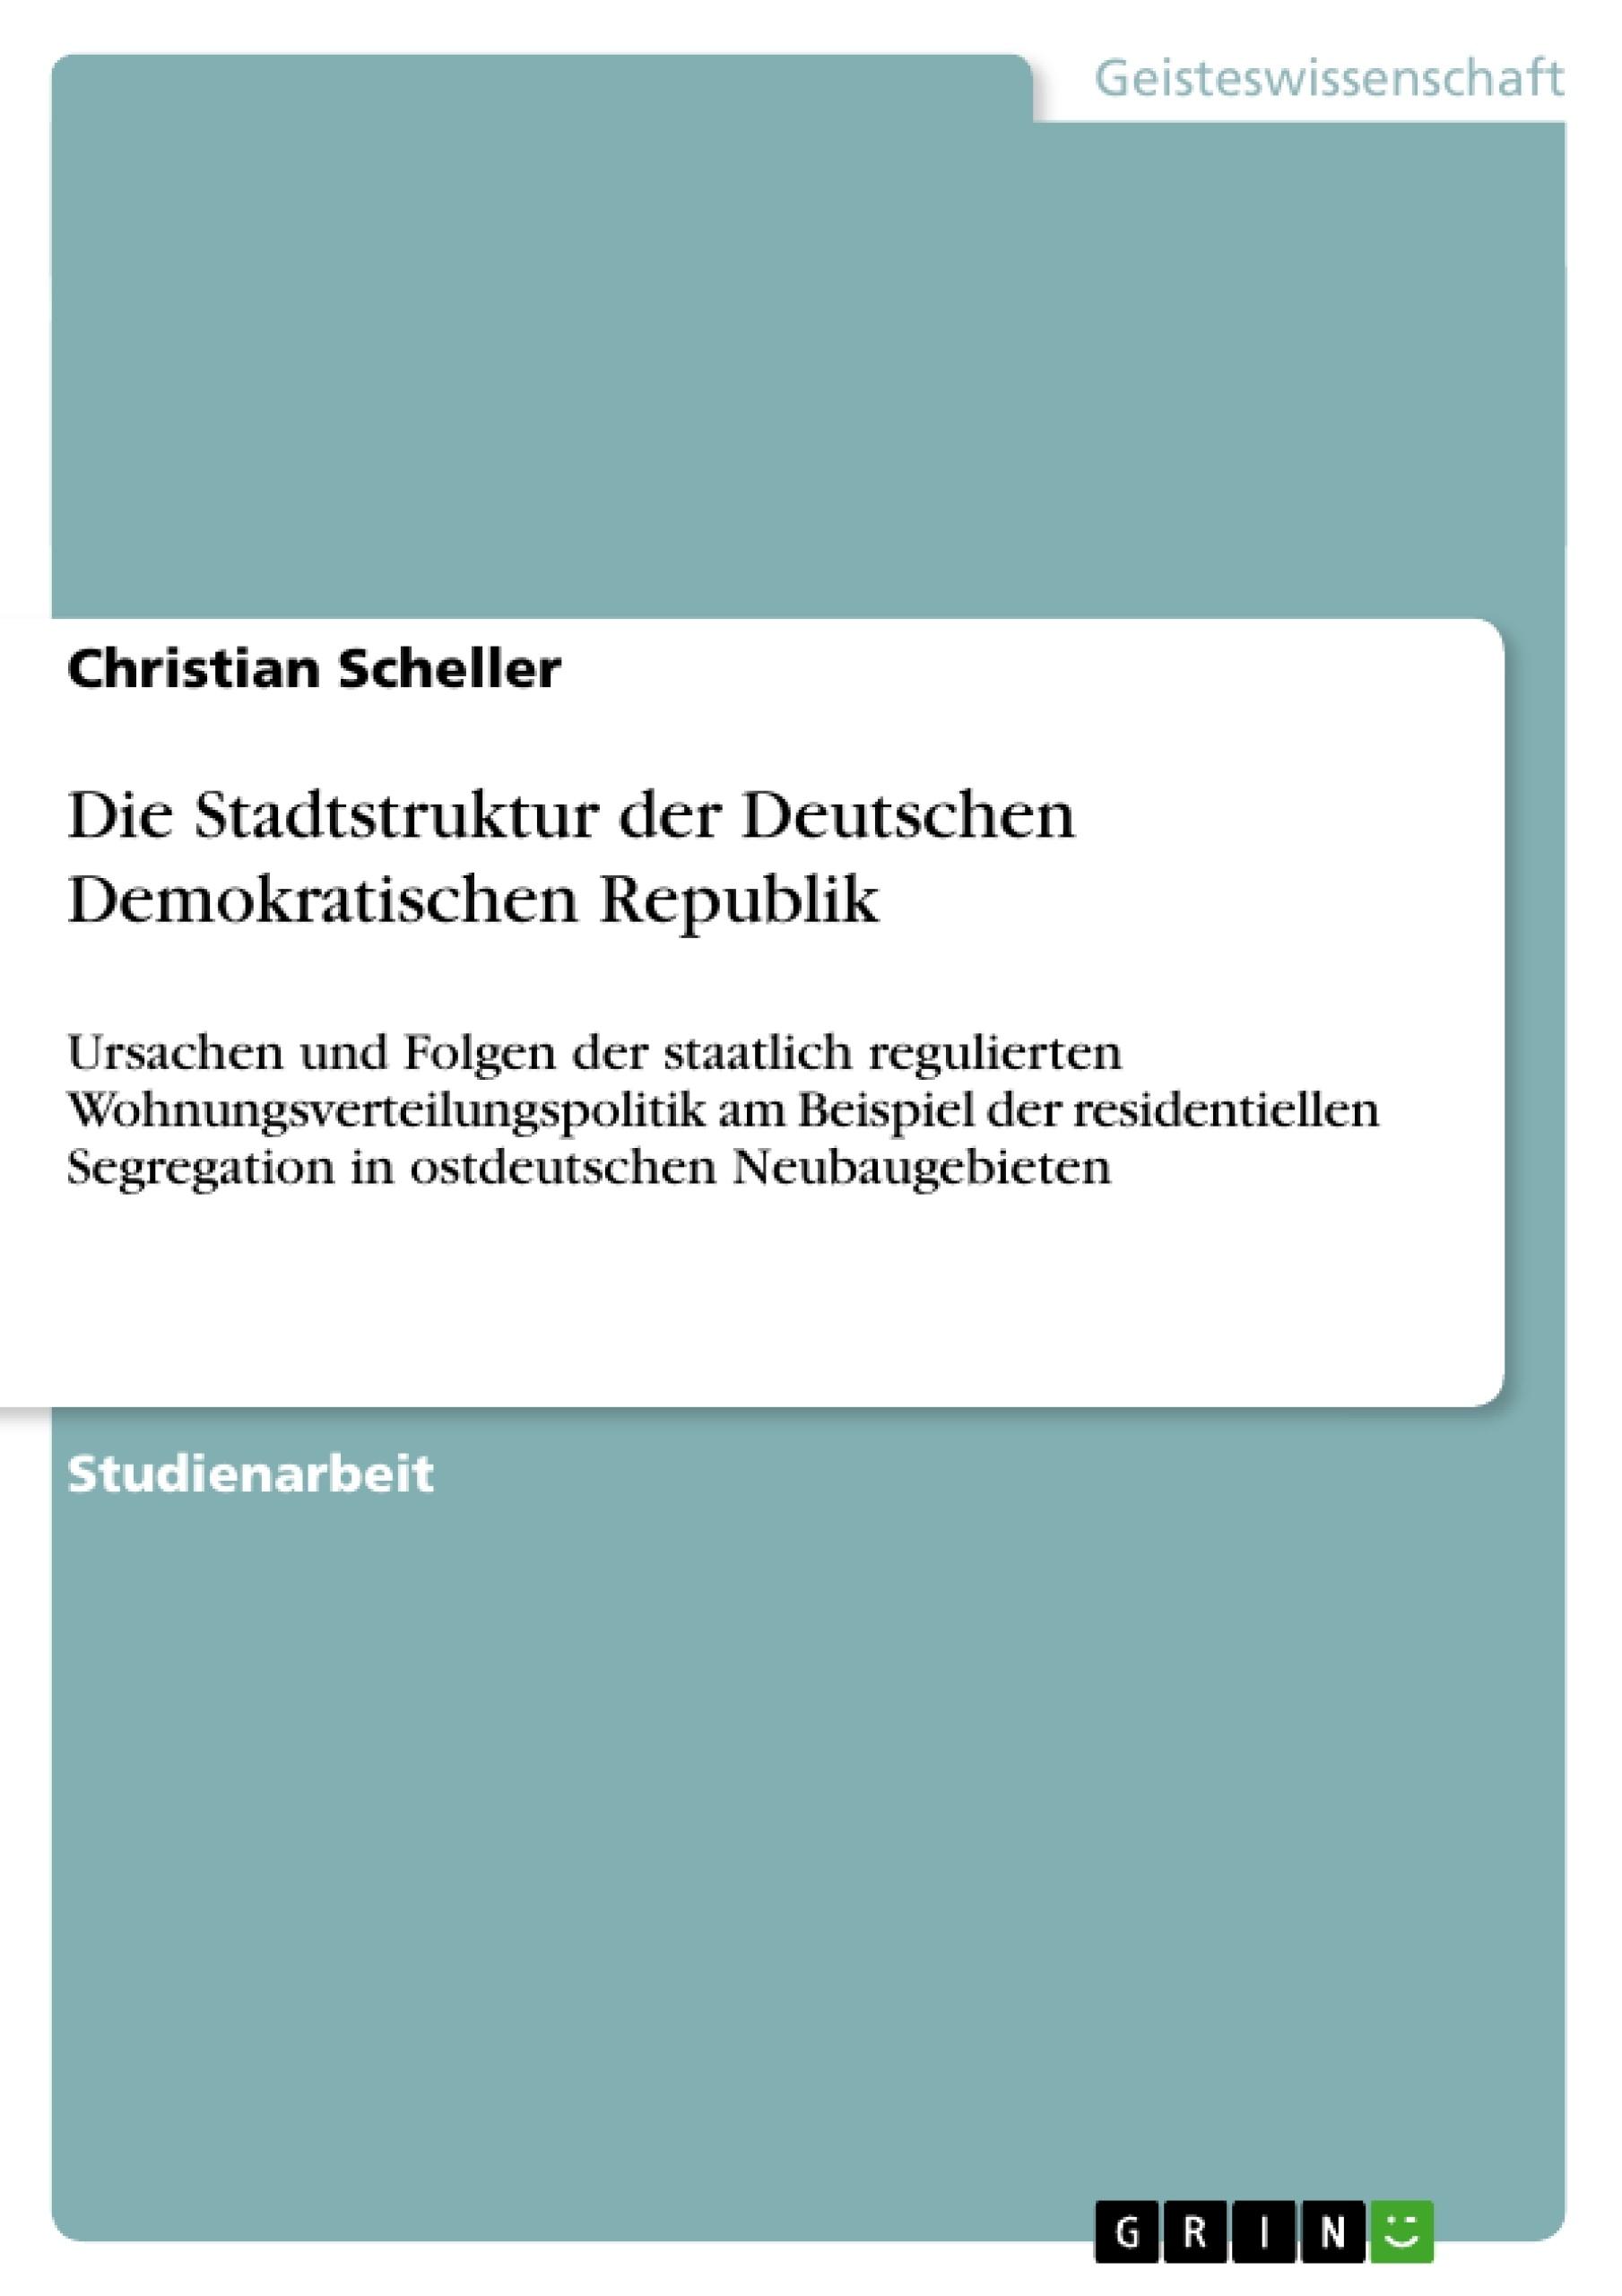 Titel: Die Stadtstruktur der Deutschen Demokratischen Republik